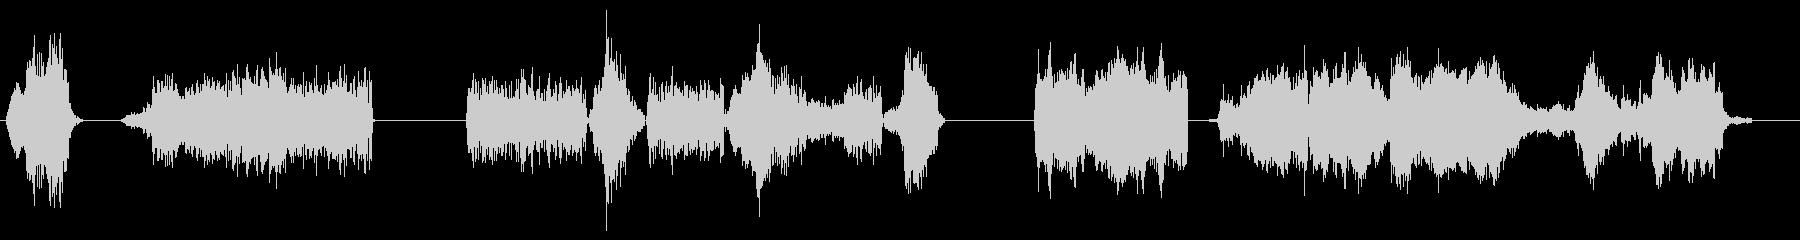 アーケードグッドガイの未再生の波形